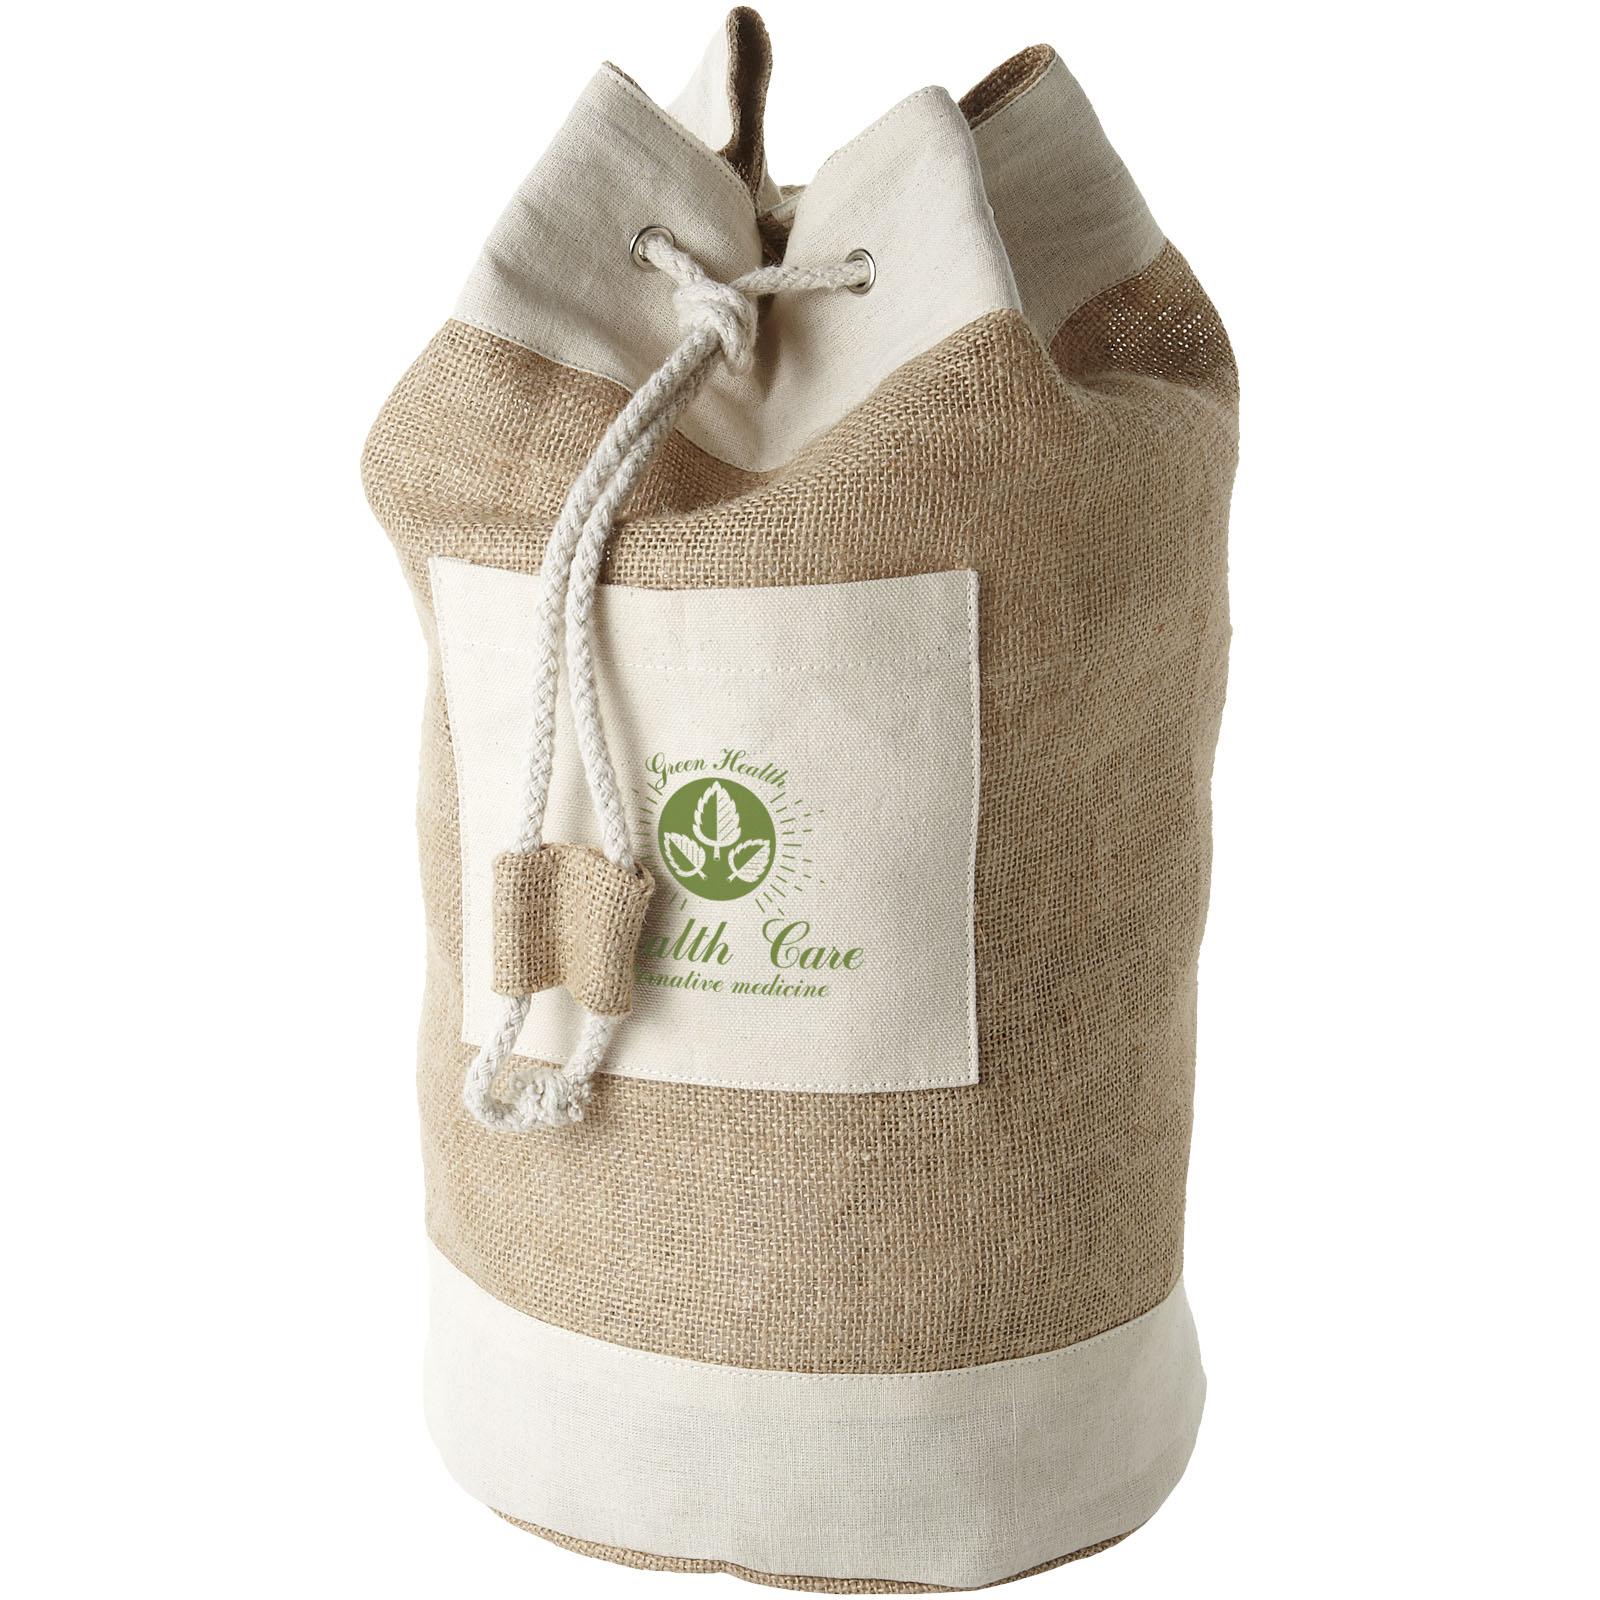 f803671f18d Goa tas bedrukken? - Voordelig & snel bestellen